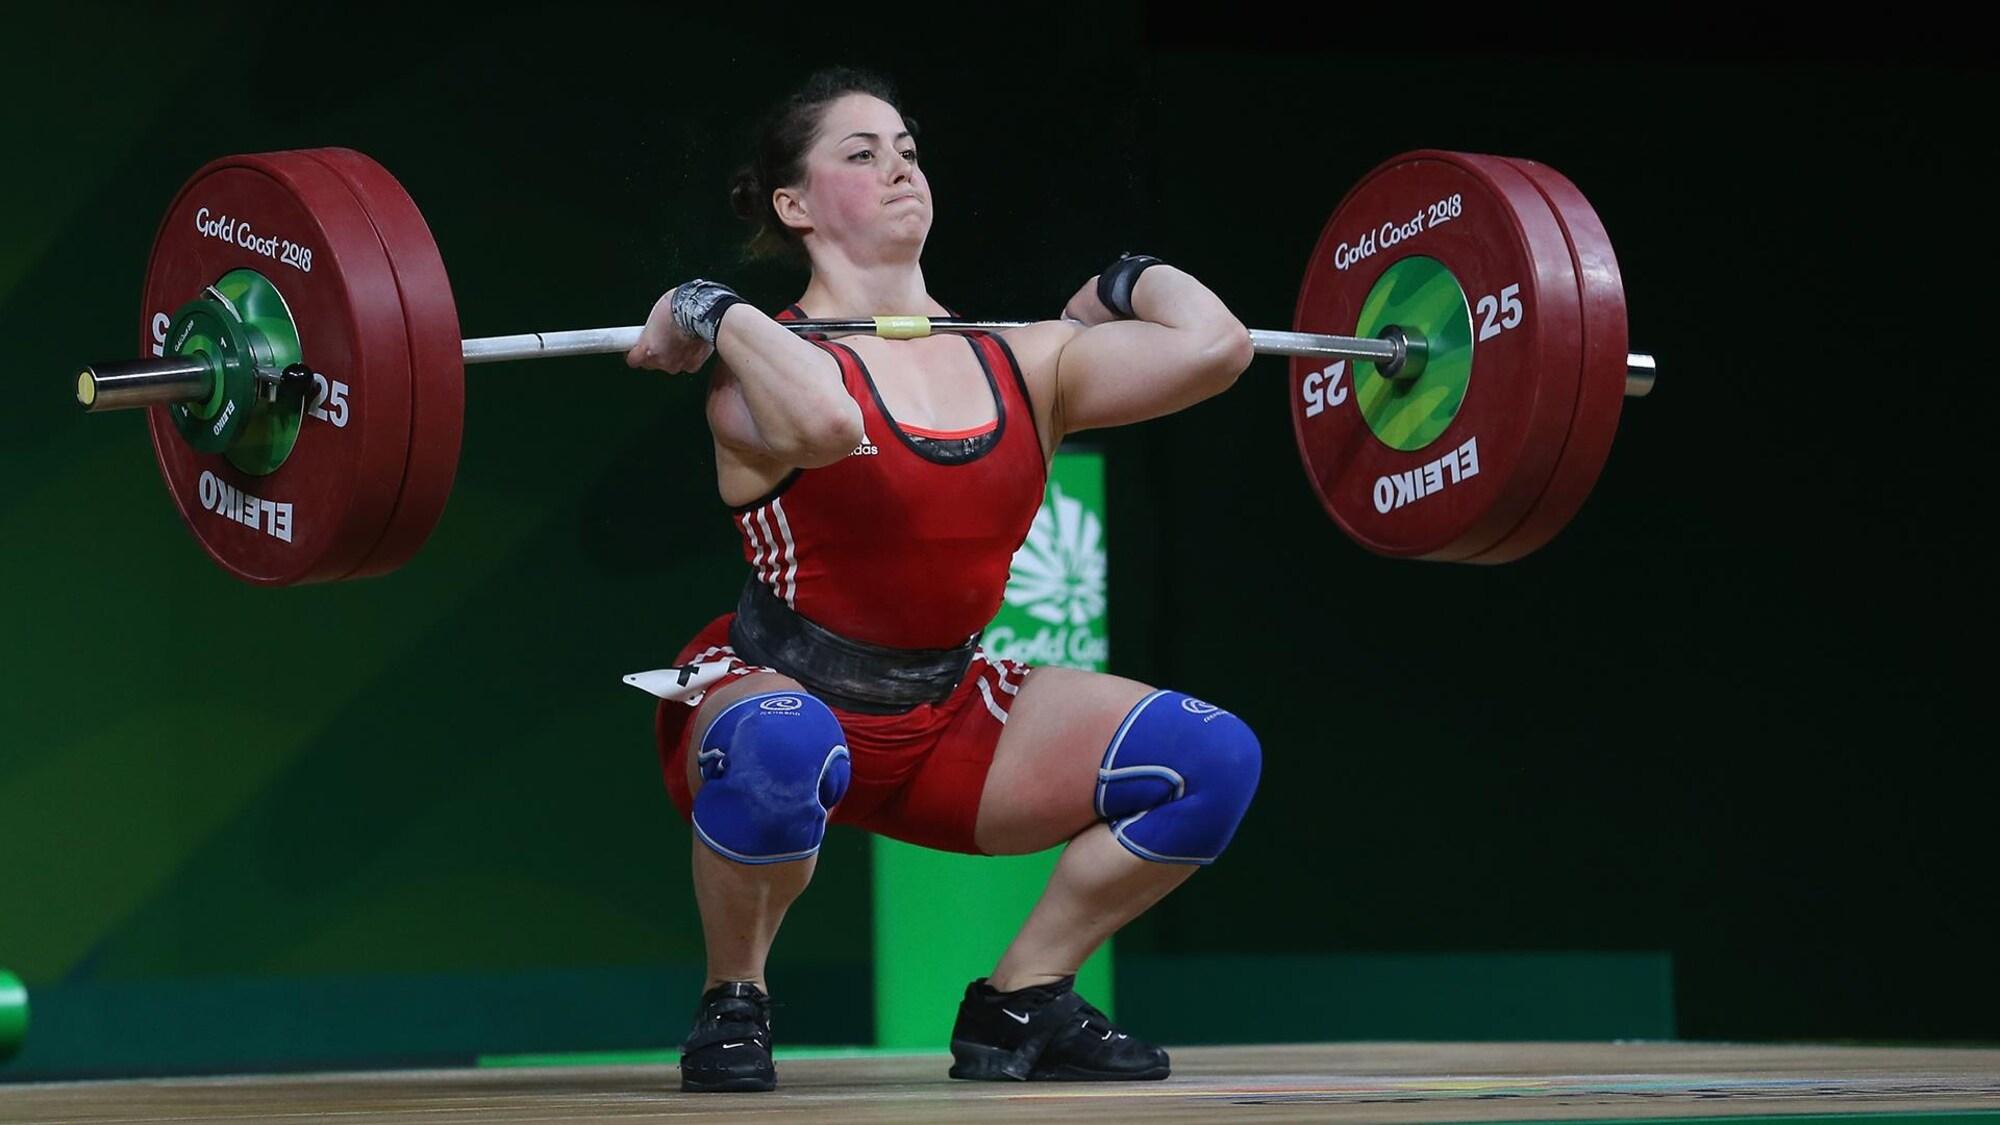 Une haltérophile soulève une barre pendant une compétition.